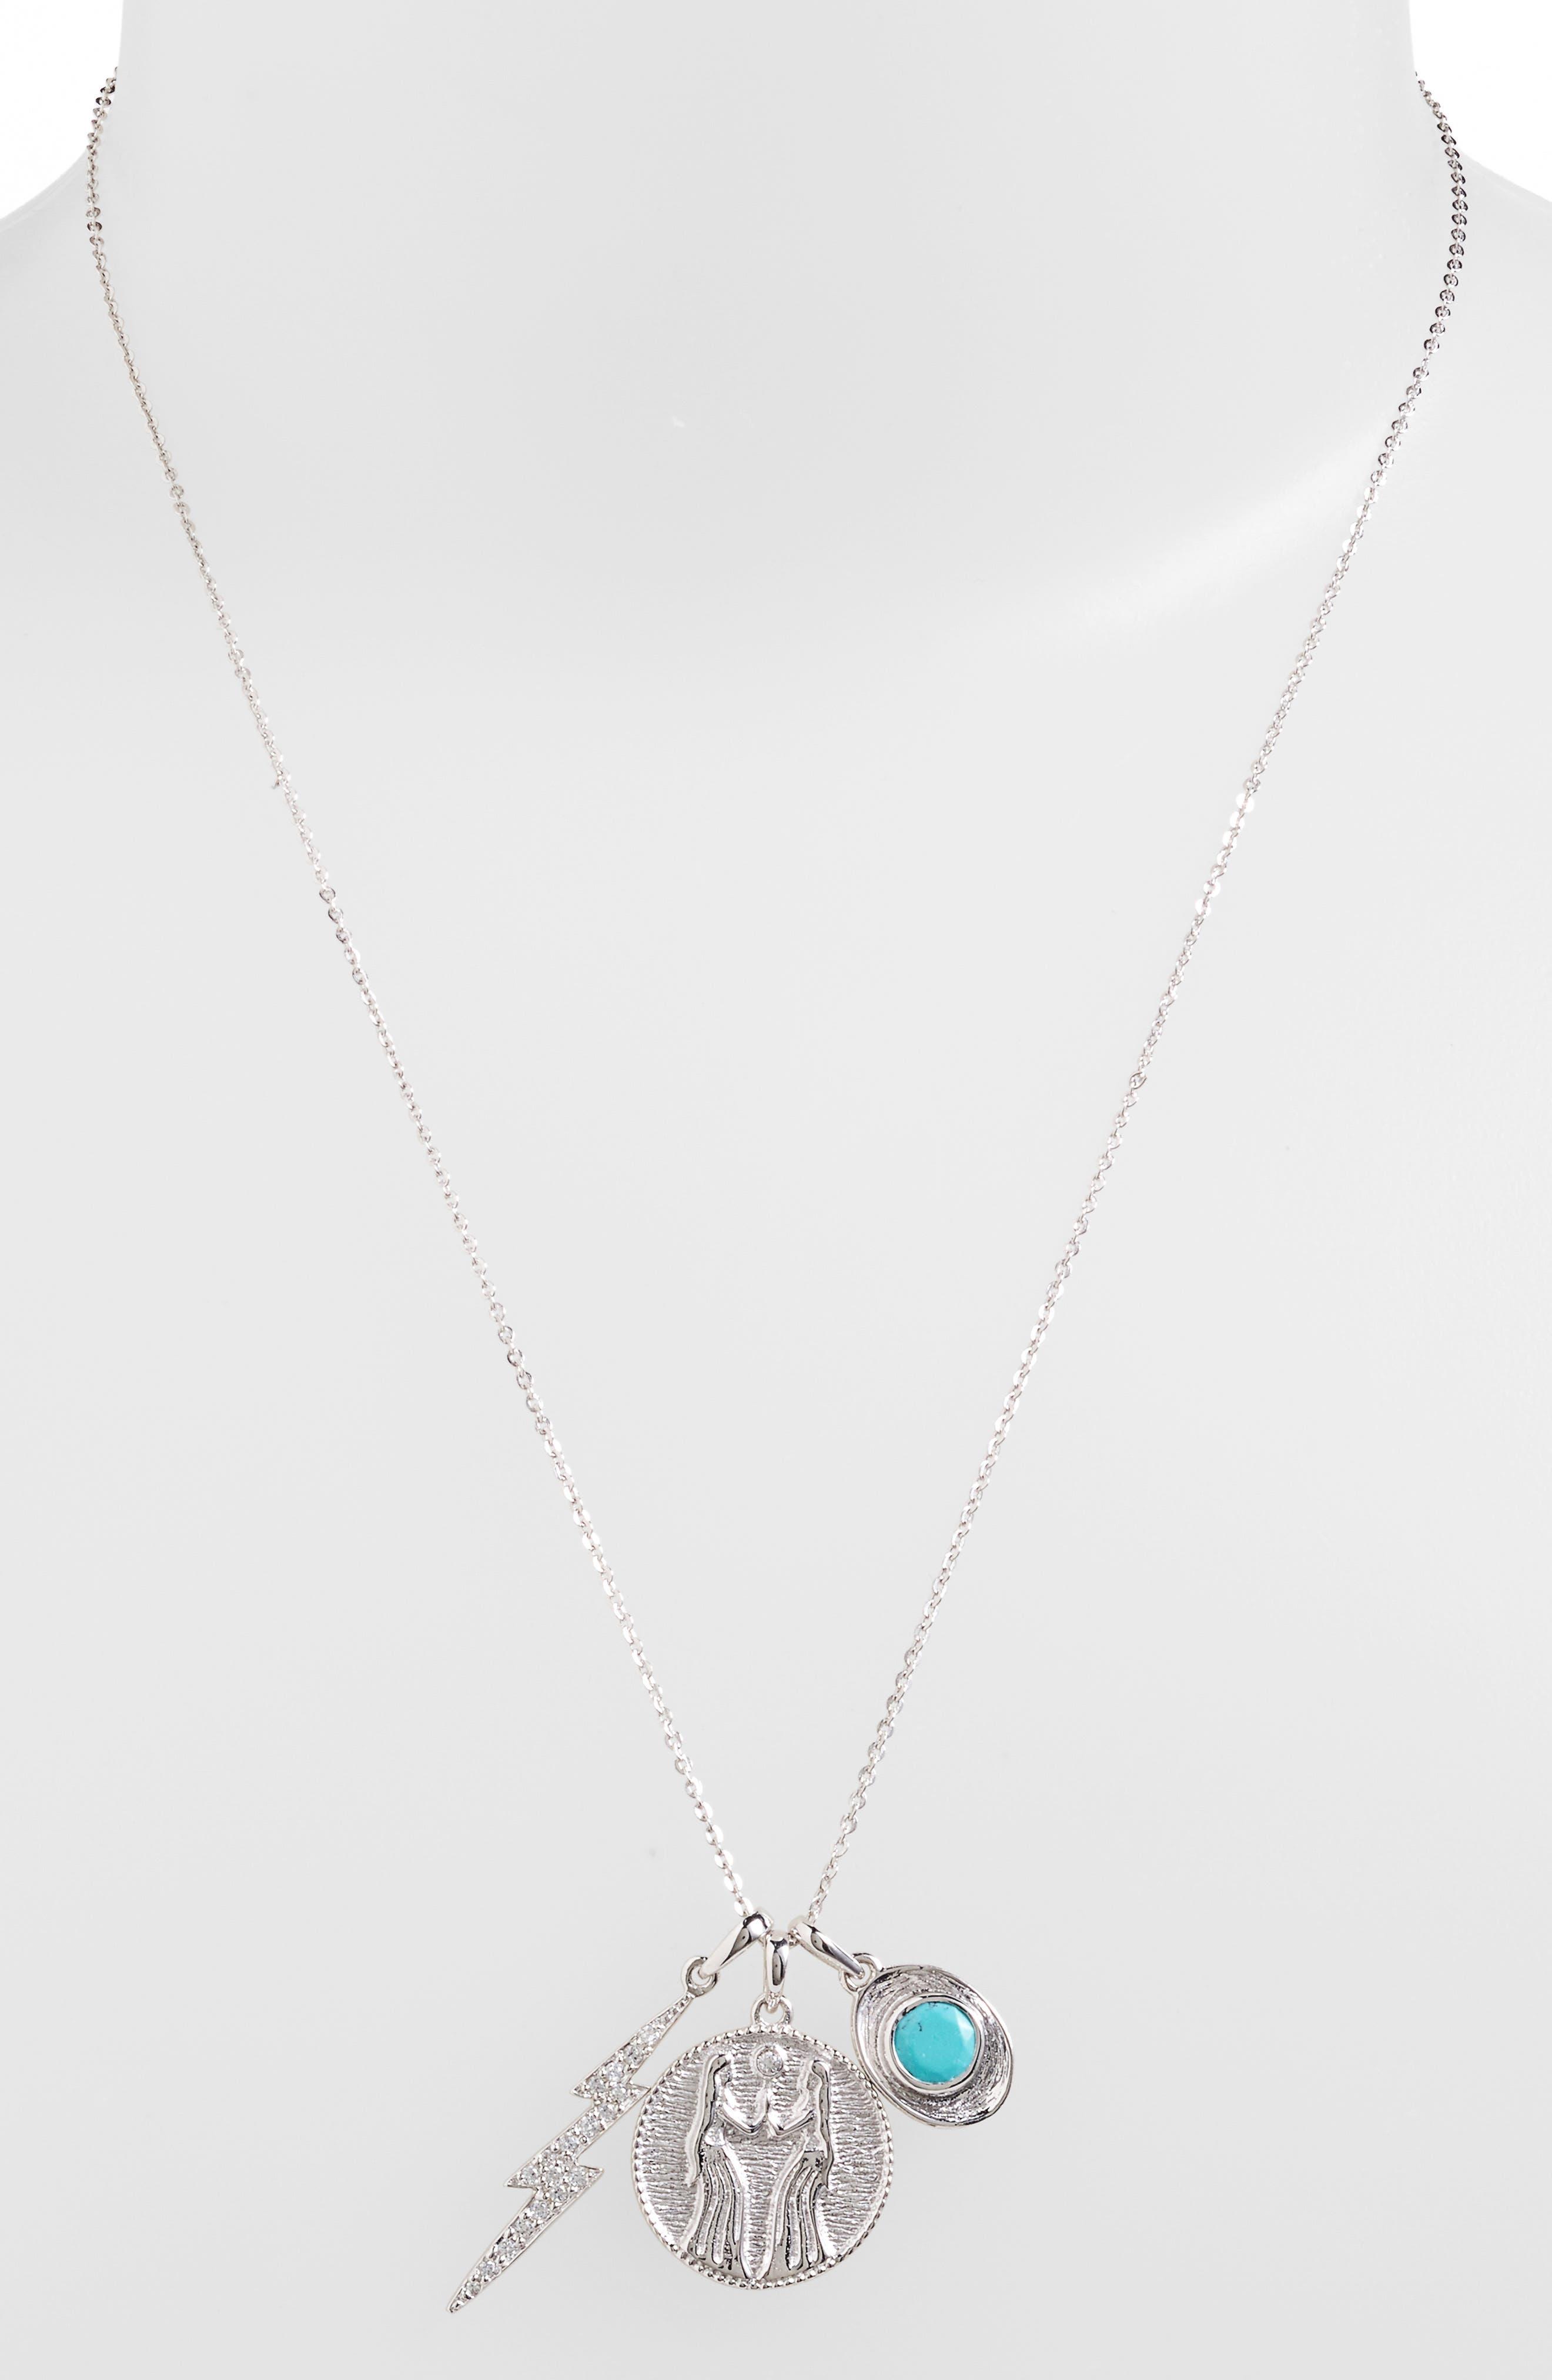 Goddess of Sisterhood Pendant Necklace,                             Main thumbnail 1, color,                             040